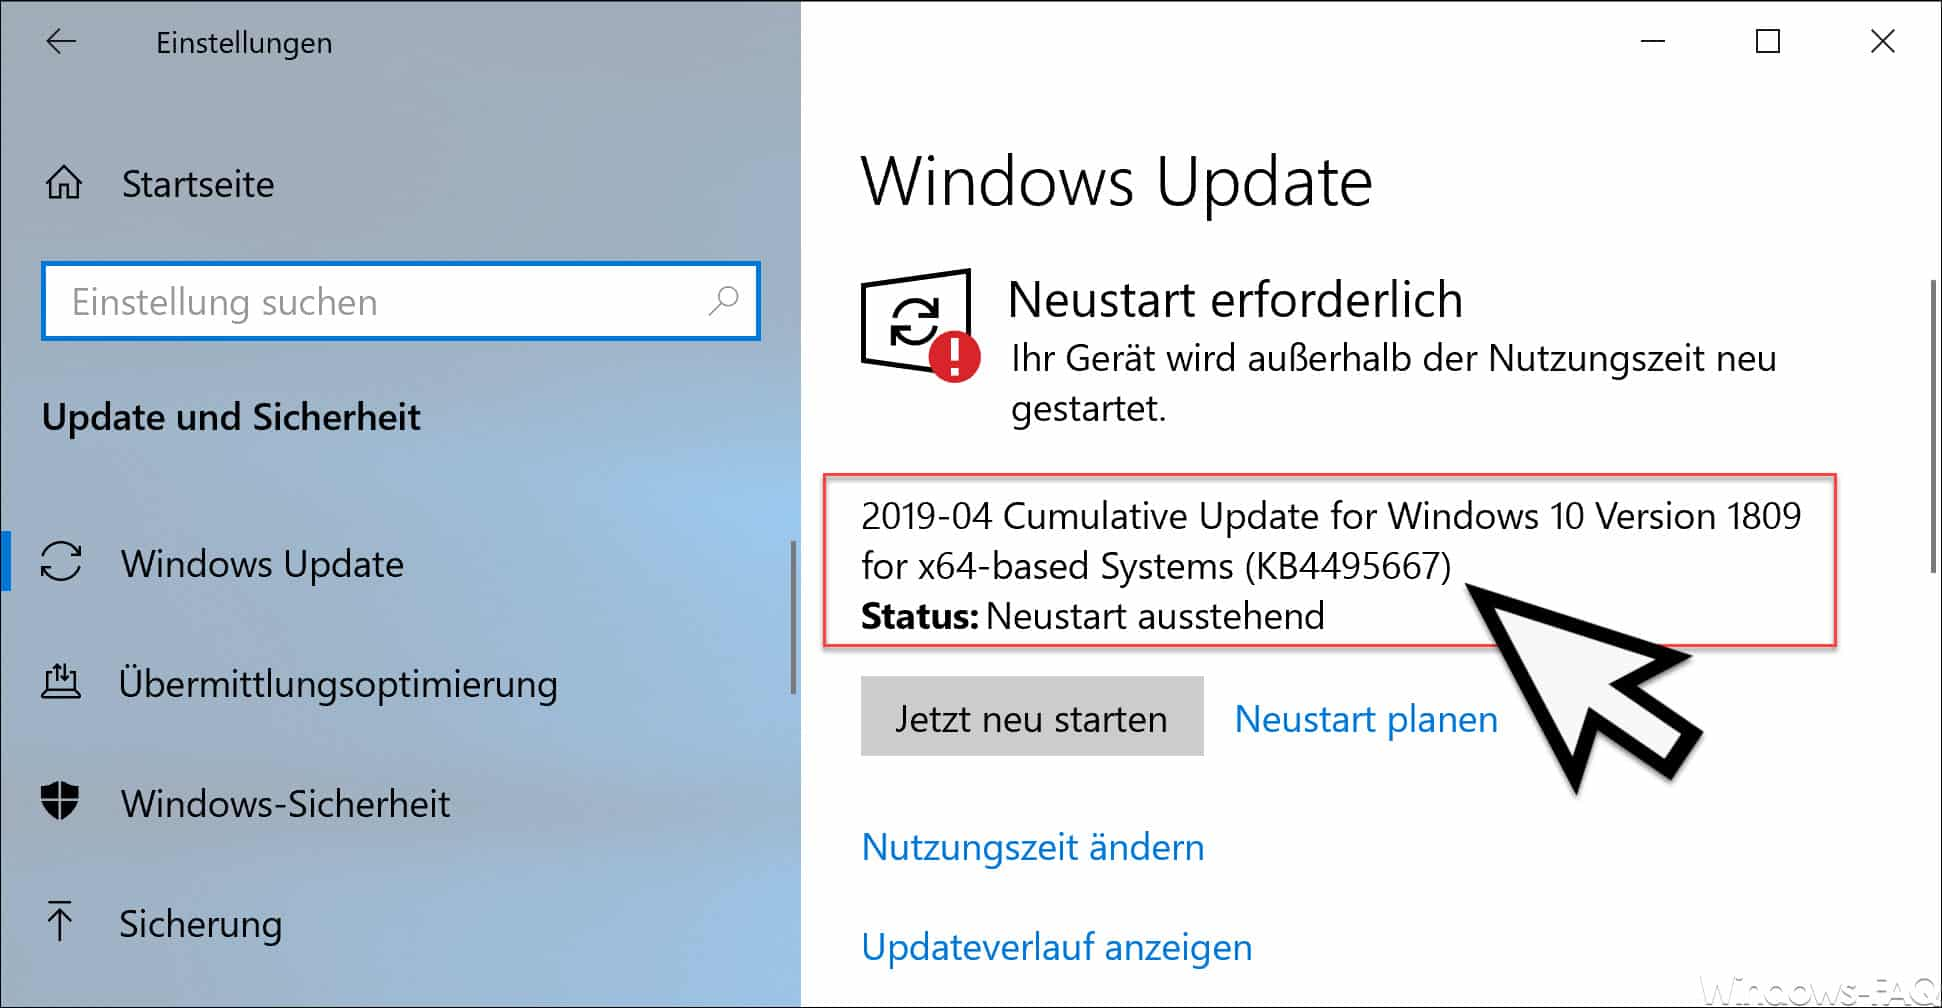 KB4495667 Update für Windows 10 Version 1809 erschienen